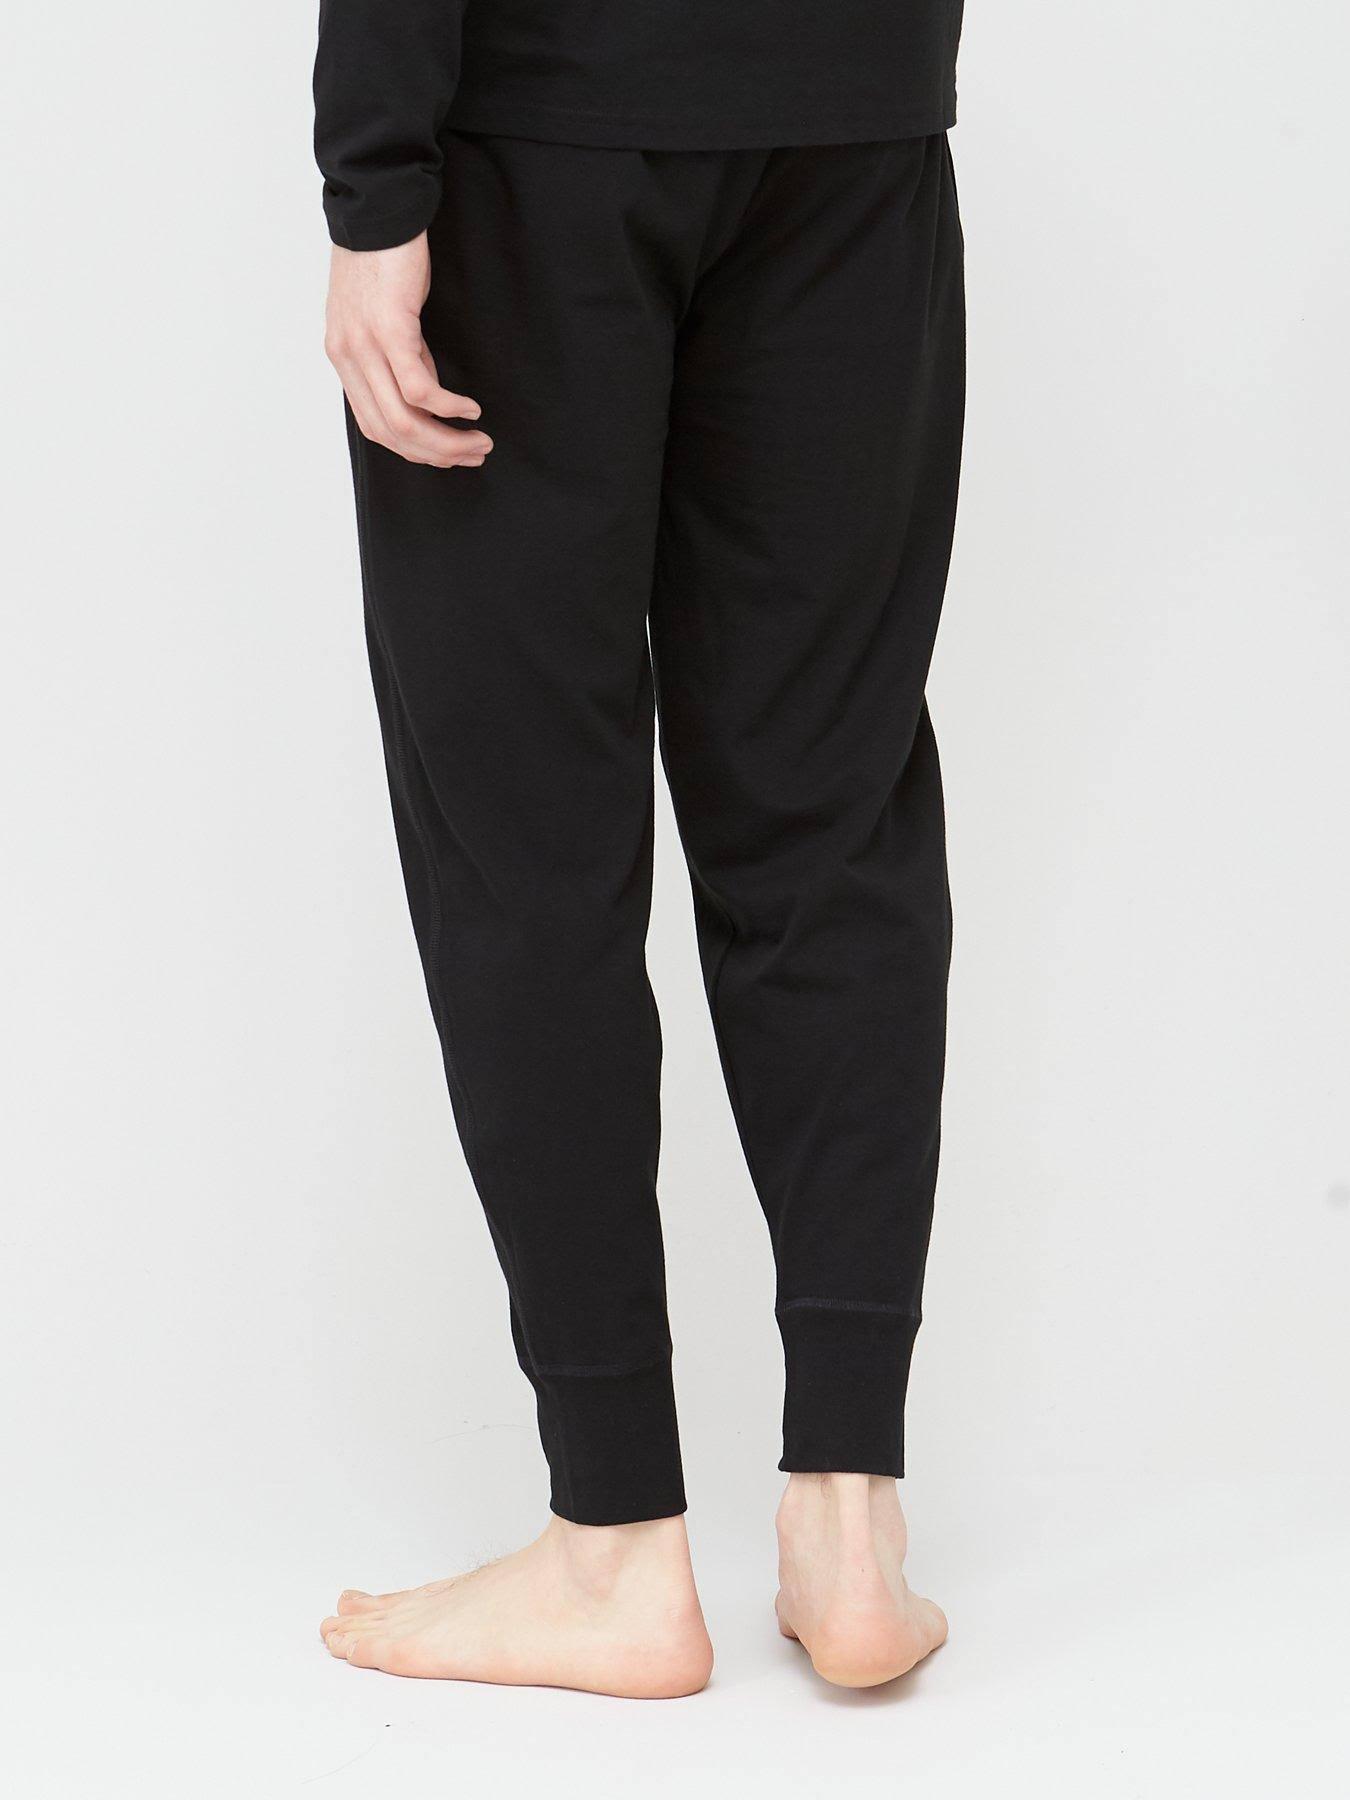 Polo Ralph Lauren Black Cotton Jersey Joggers - Size M